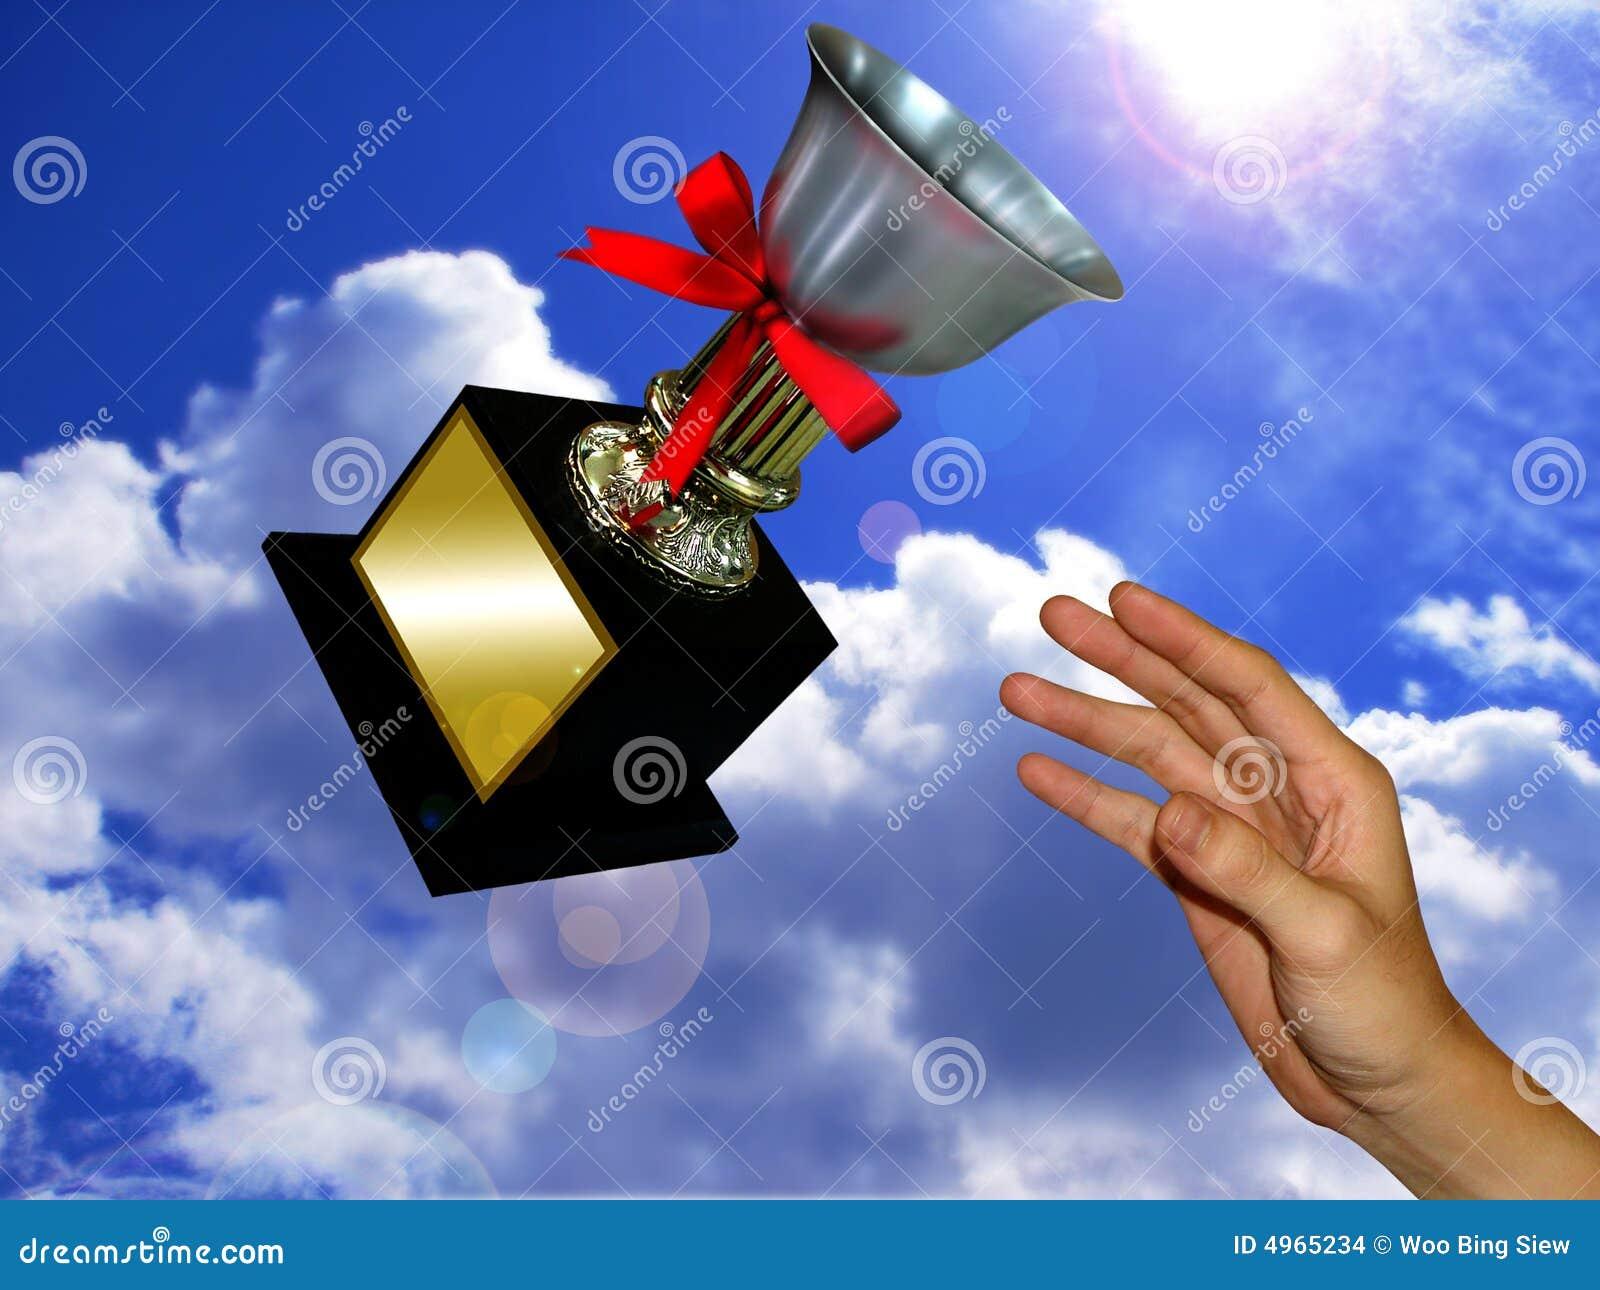 lõng - Mõista-mõista, mis lõng see on? - kuni 15 okt. (Võitja on Lonni!) Winner-trophy-4965234